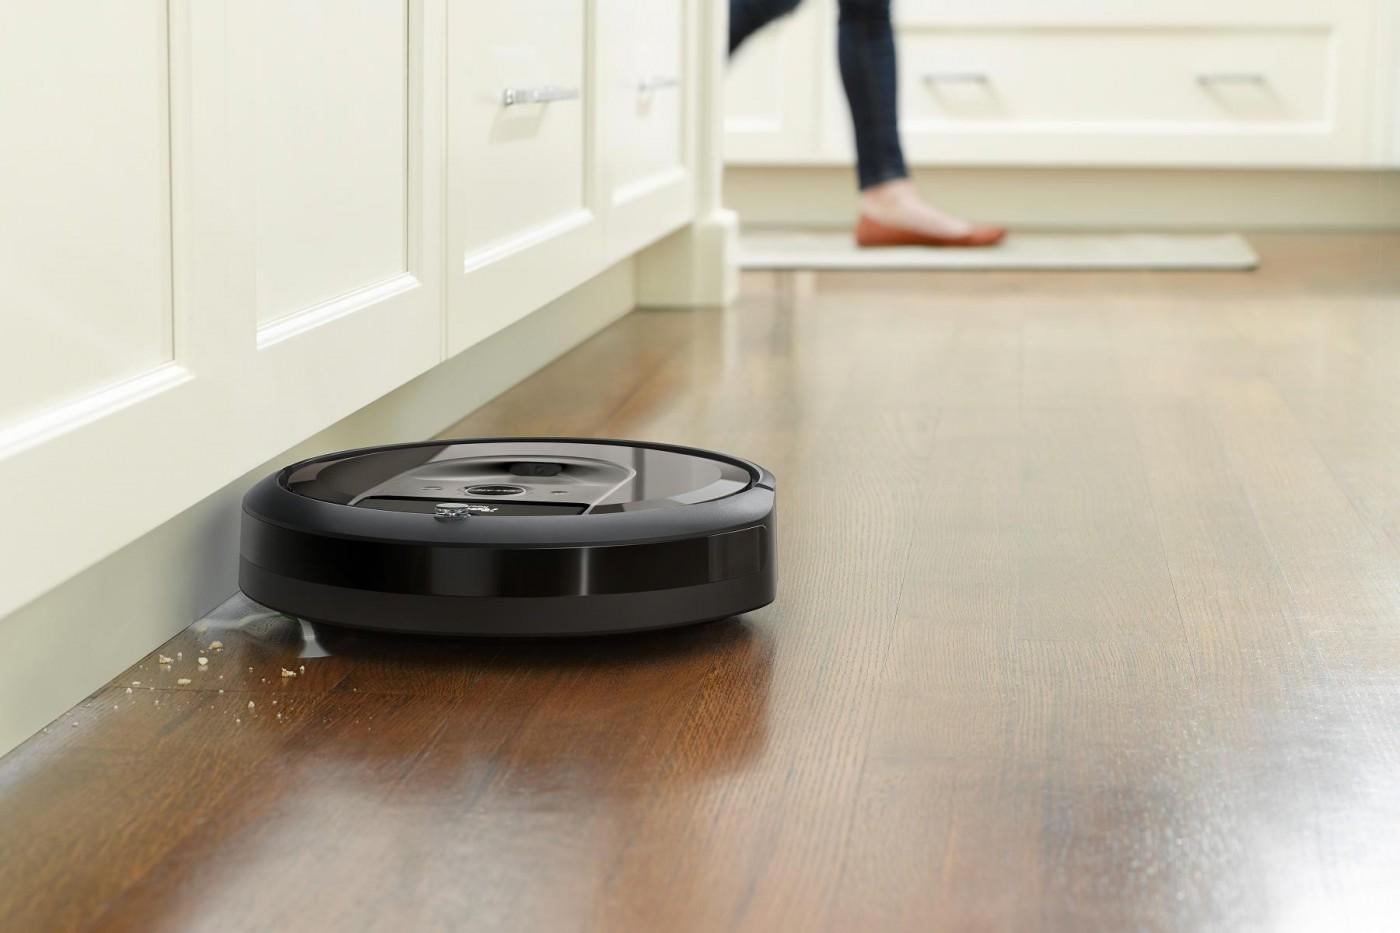 Google把腦筋動到了吸塵器上,為什麼說這可以優化智慧家庭體驗?